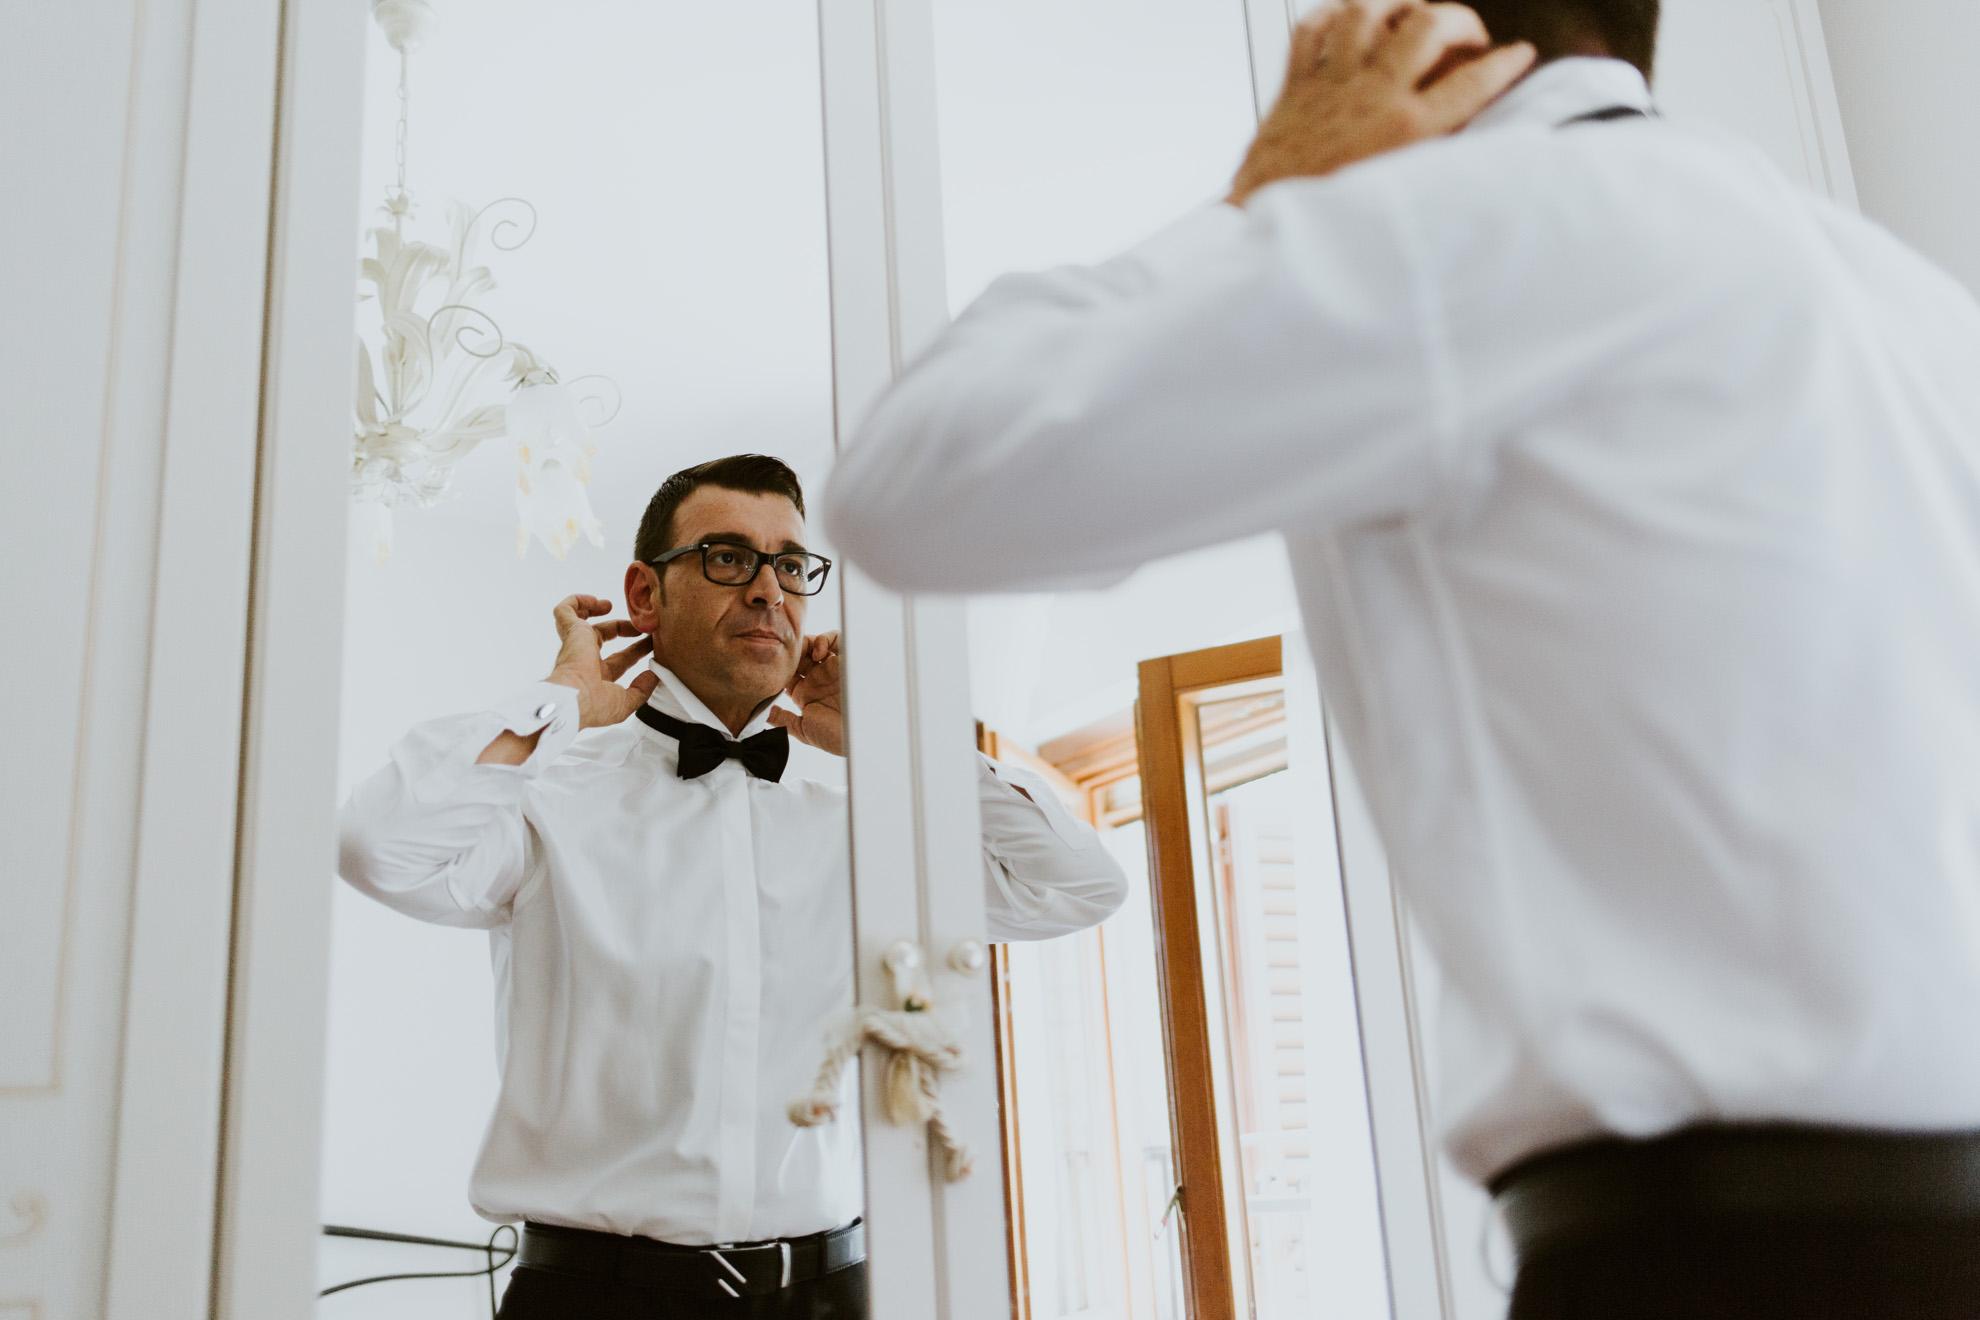 Location Matrimonio Country Chic Toscana : Gradisca portento fotografica fotografo di matrimonio